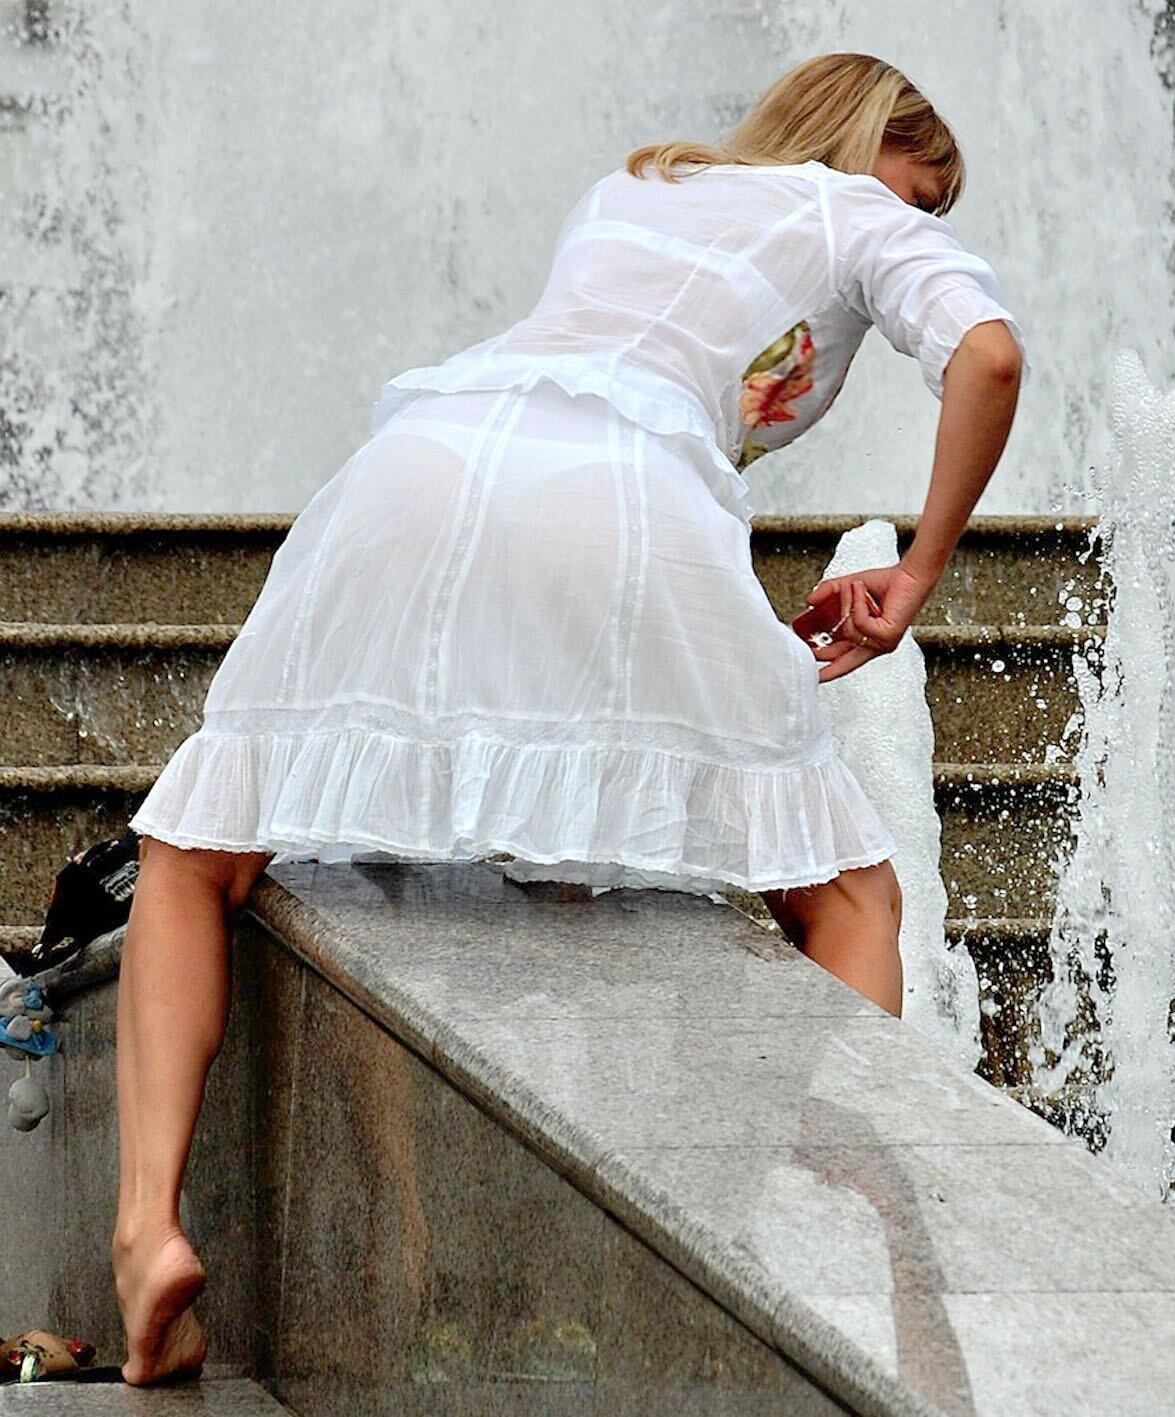 Девки переодевают платья фото